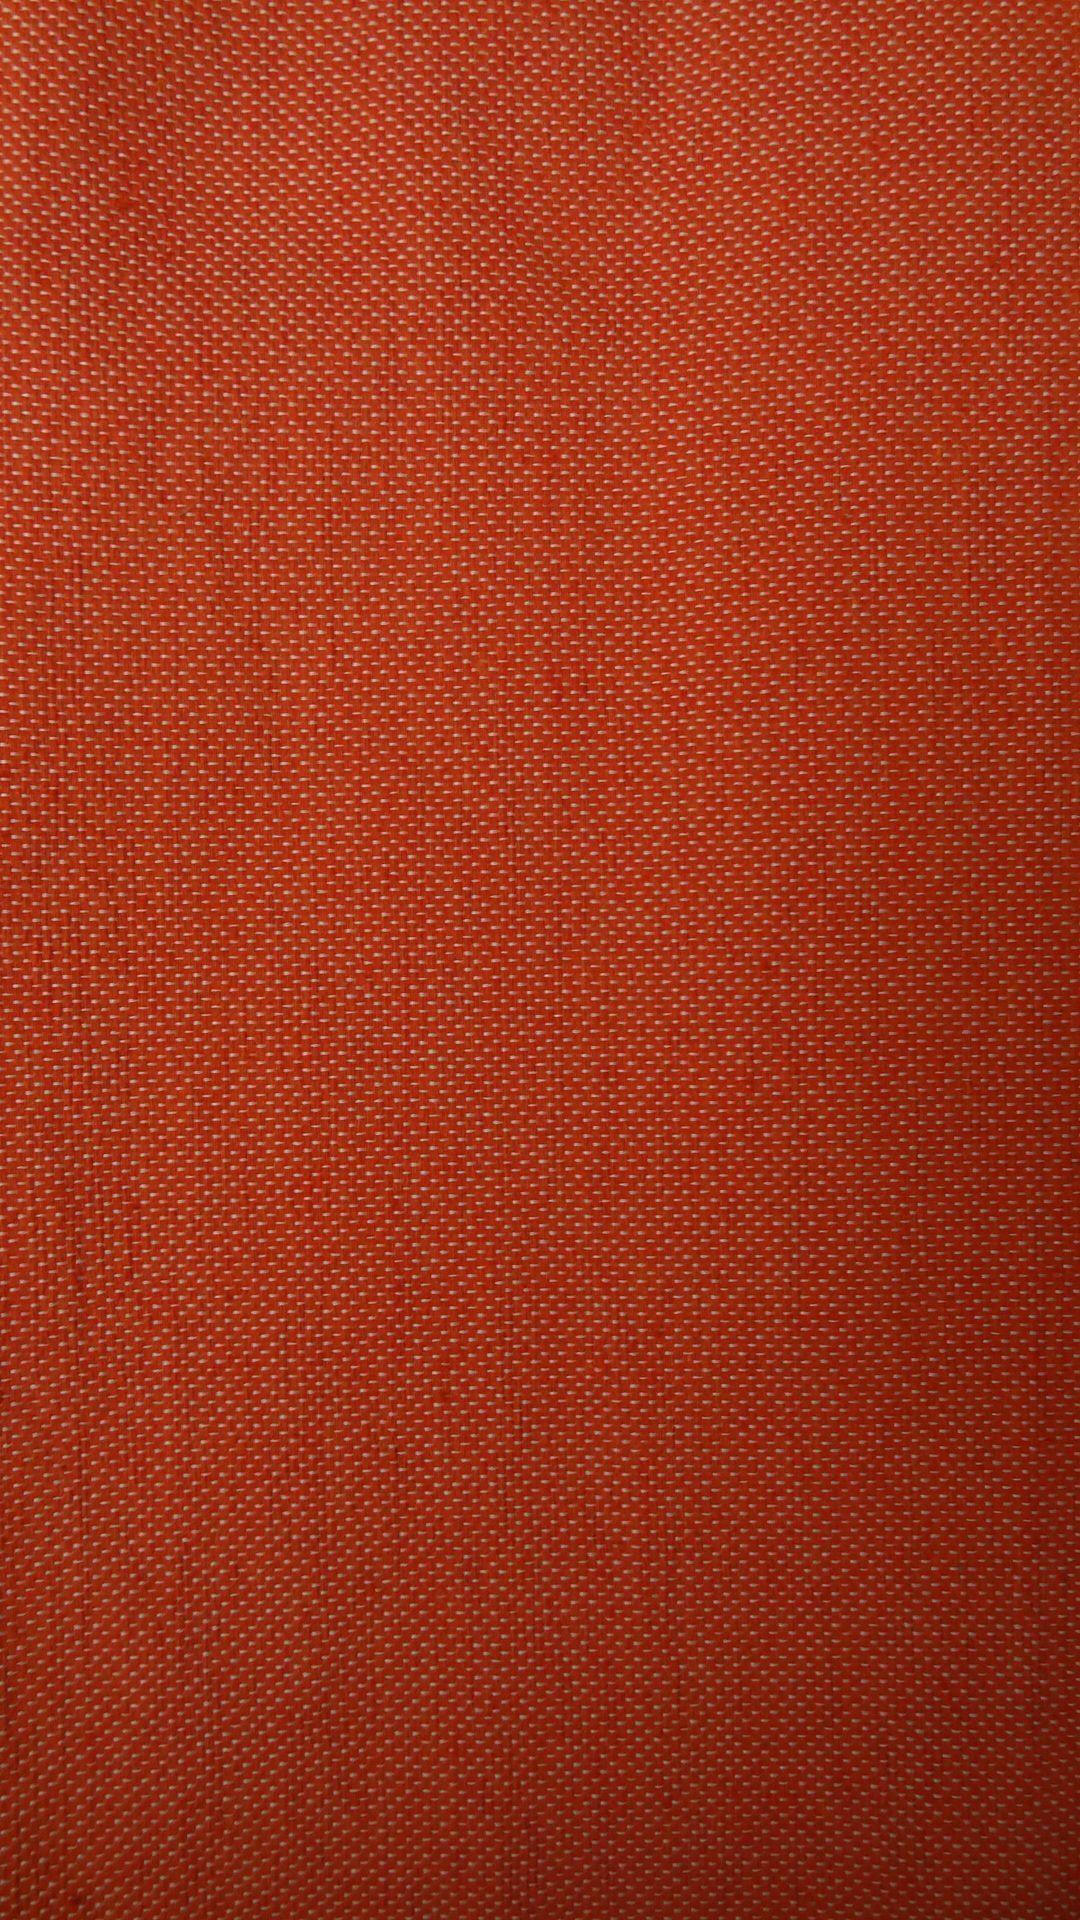 Cubre sof naranja jarapa hilacar artesanos alpujarra - Artesanos del sofa ...